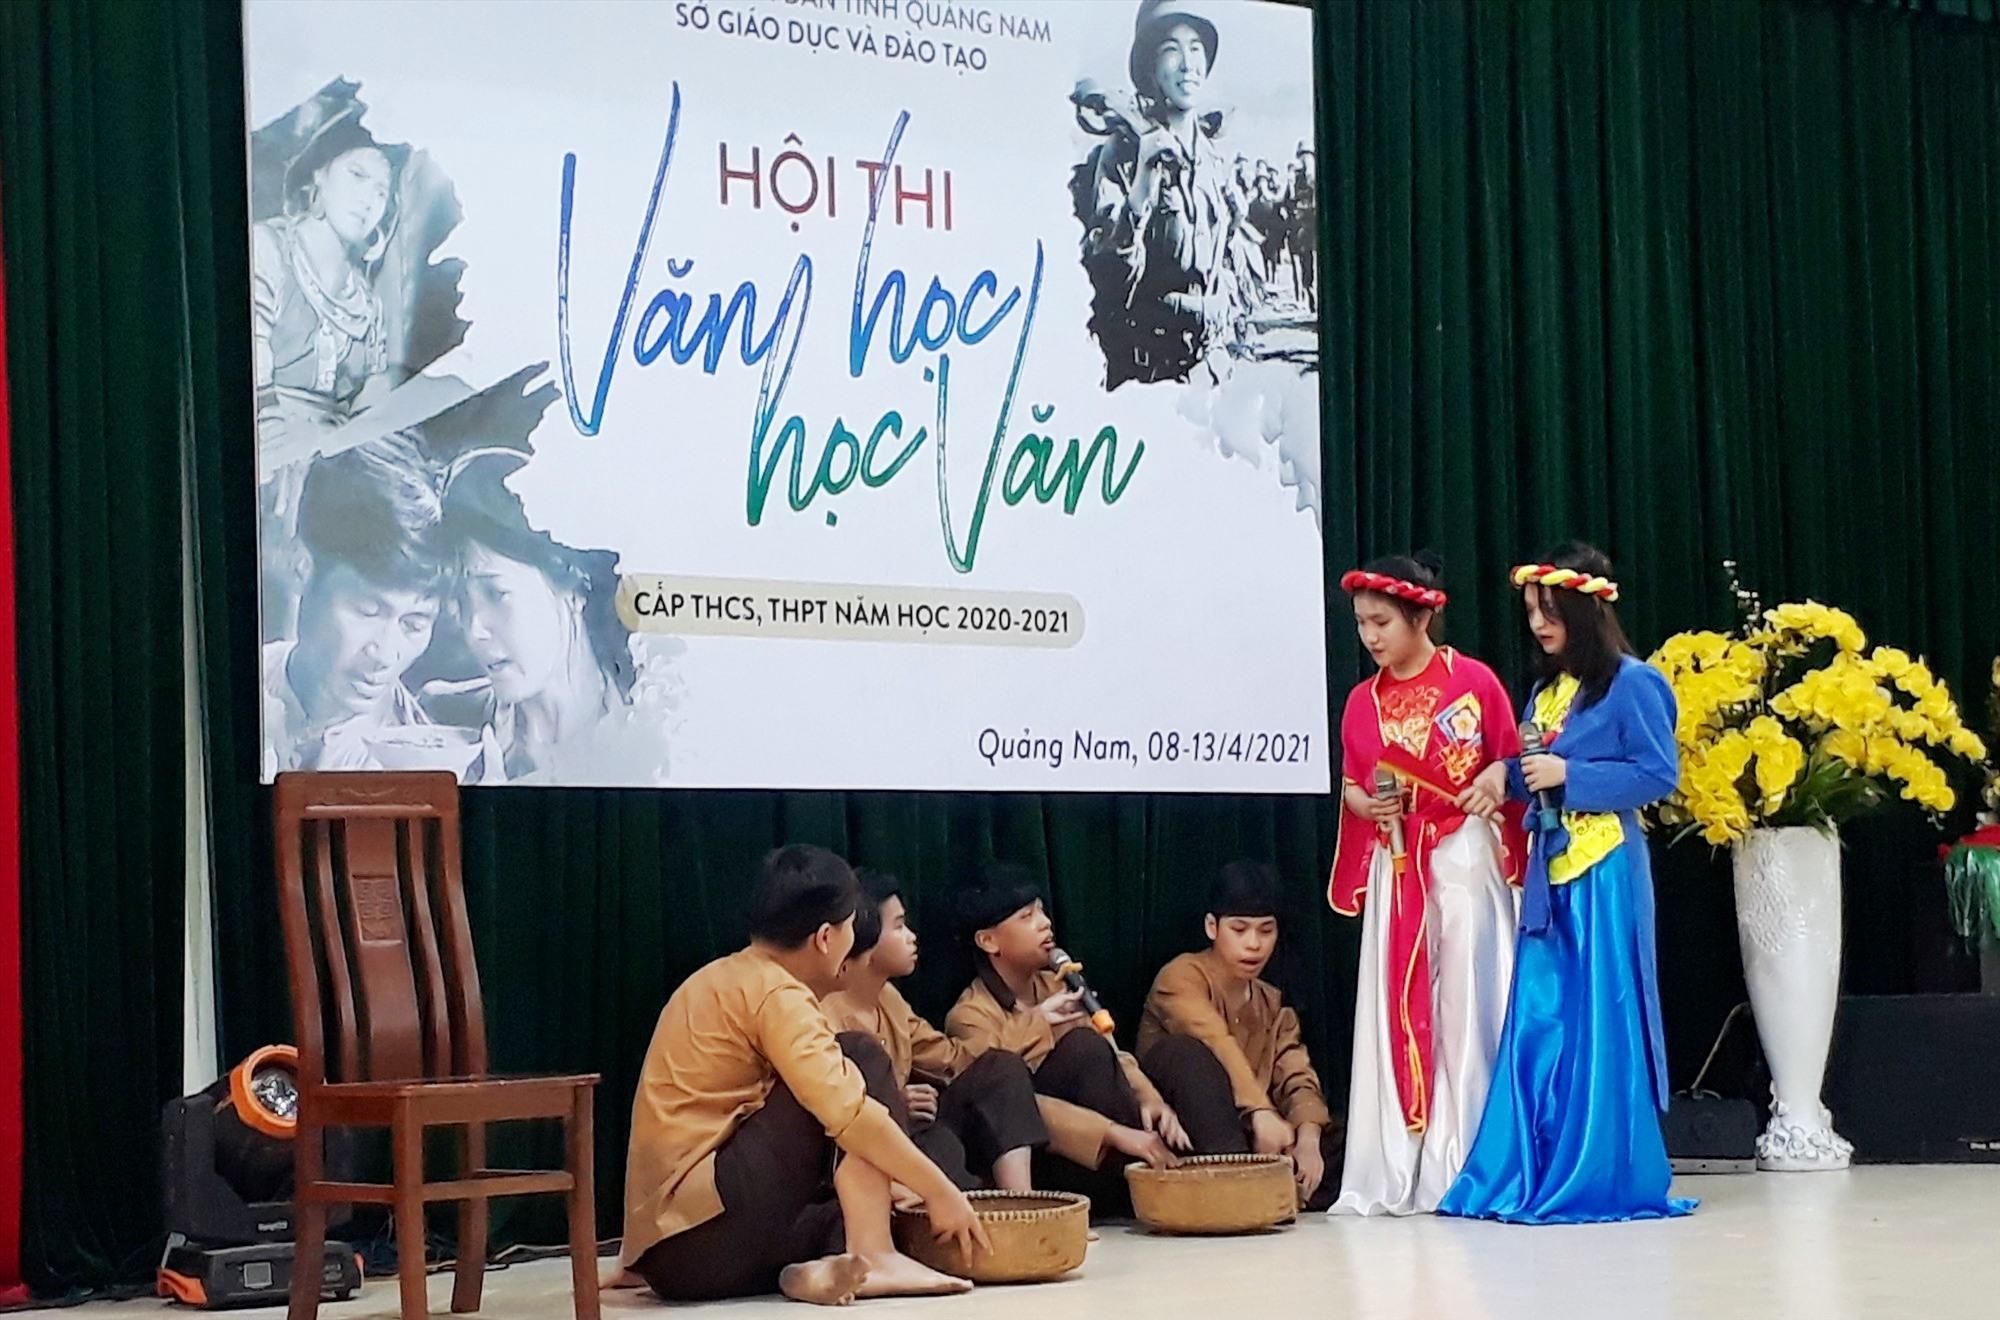 Tiểu phẩm dự thi của Trường THPT Phan Bội Châu (Tam Kỳ). Ảnh: X.P